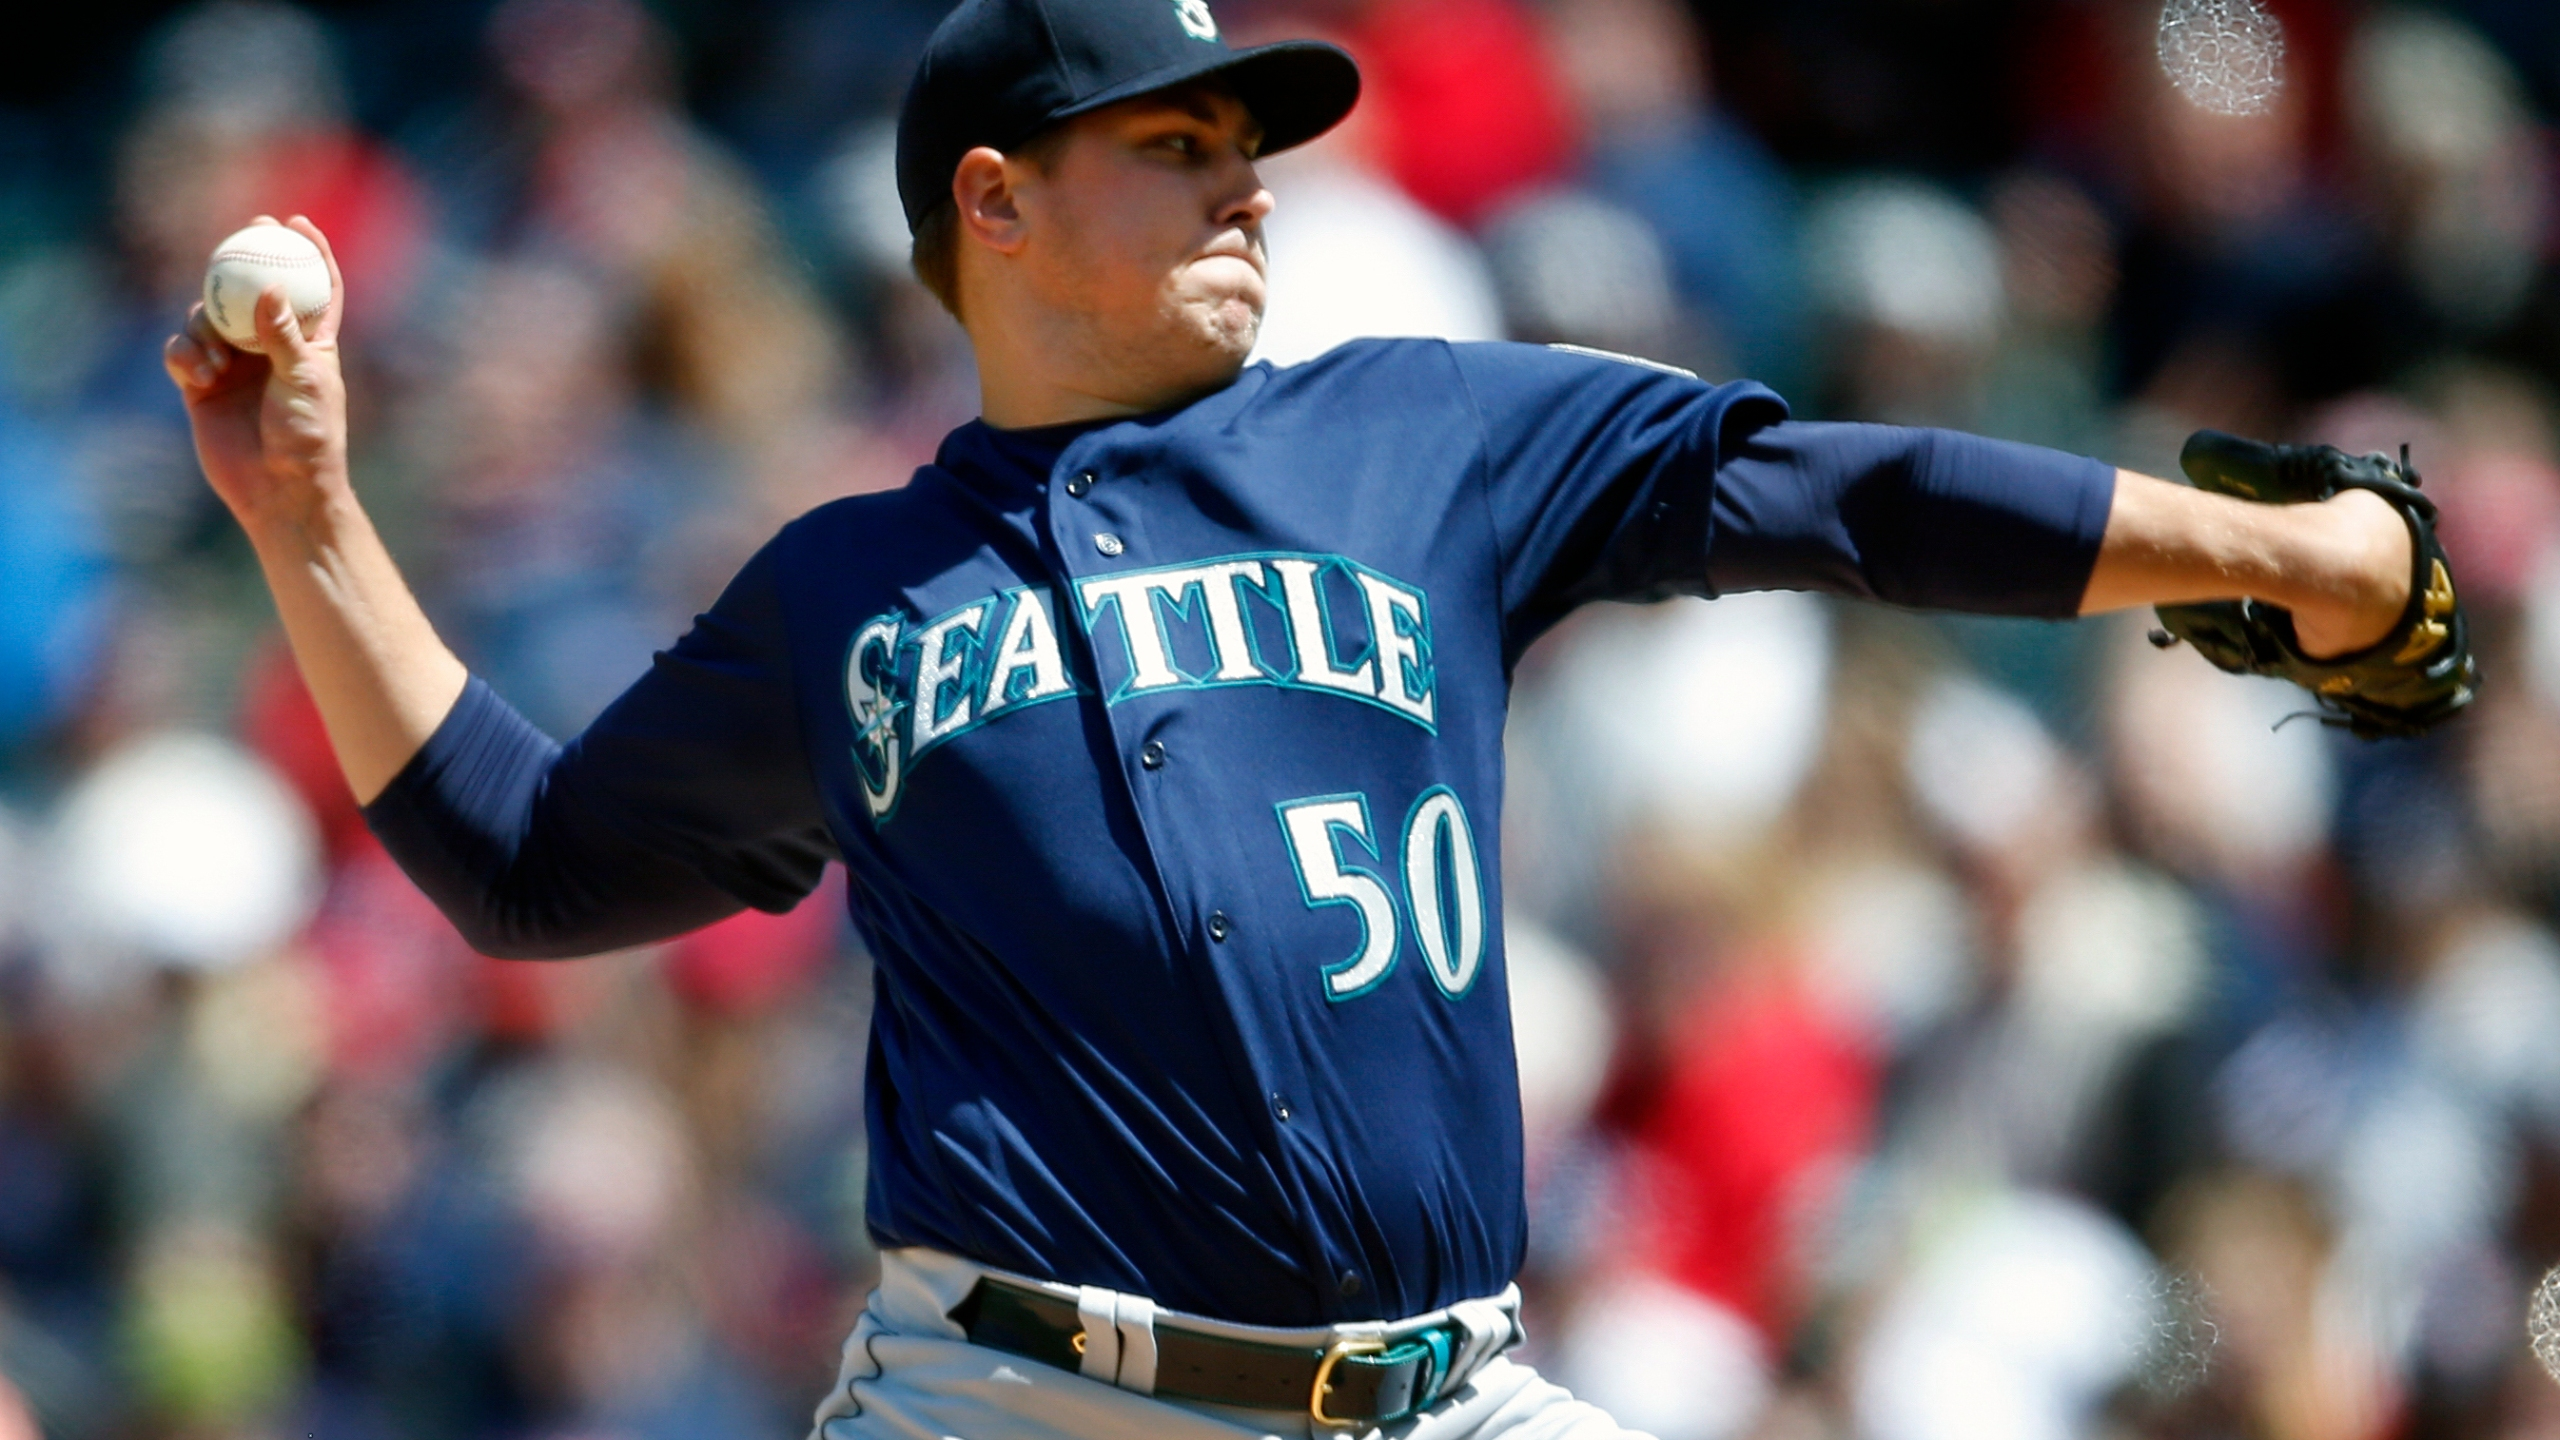 Mariners Indians Baseball_1557091386078